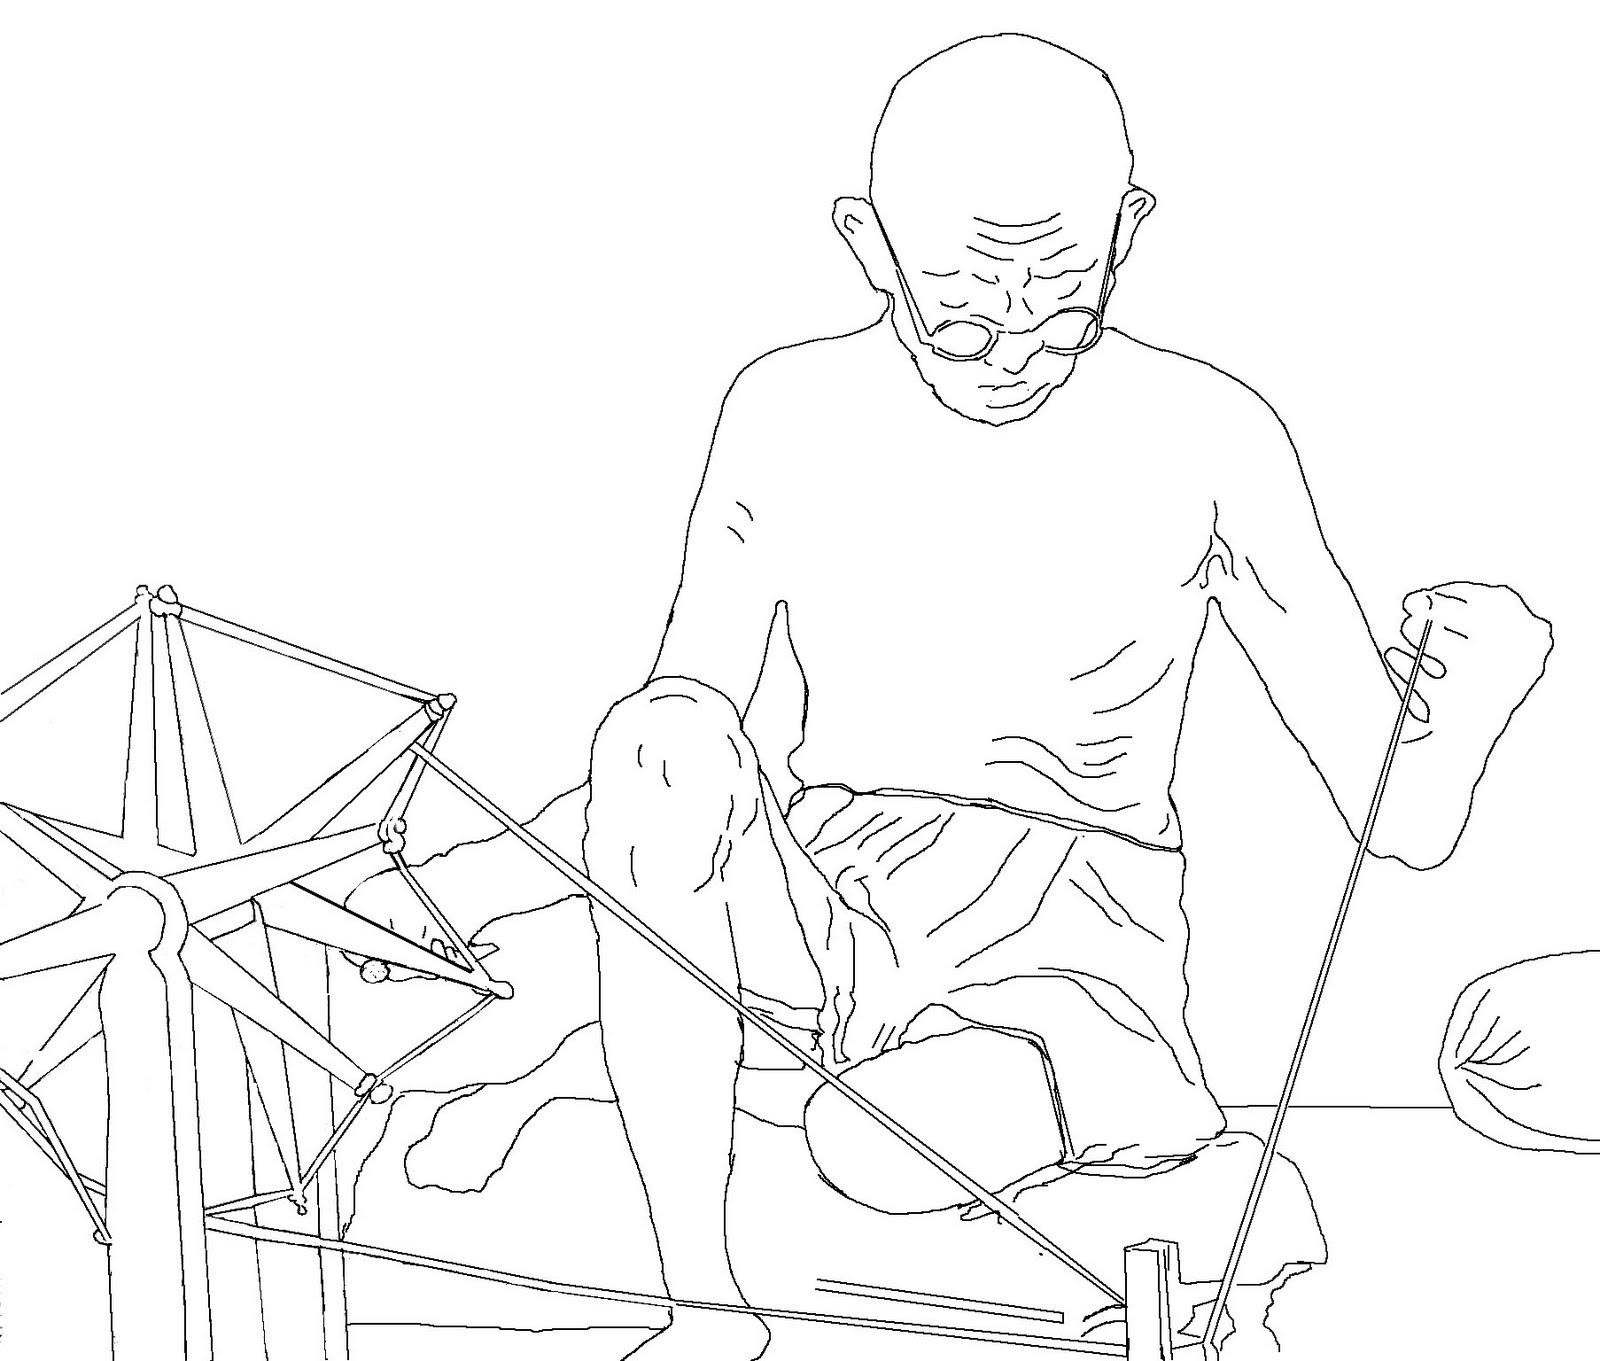 Drawing of gandhi at spinning wheel